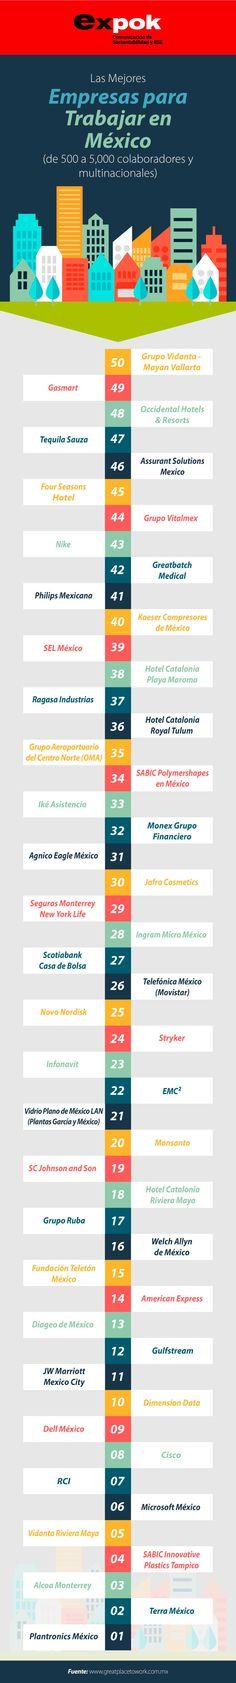 En la siguiente infografía podrás encontrar a las mejores cincuenta empresas para trabajar, aunque si quieres descubrir cuáles son las mejores 100, revisa el ranking original. http://www.expoknews.com/conoce-las-mejores-empresas-para-trabajar-en-mexico/